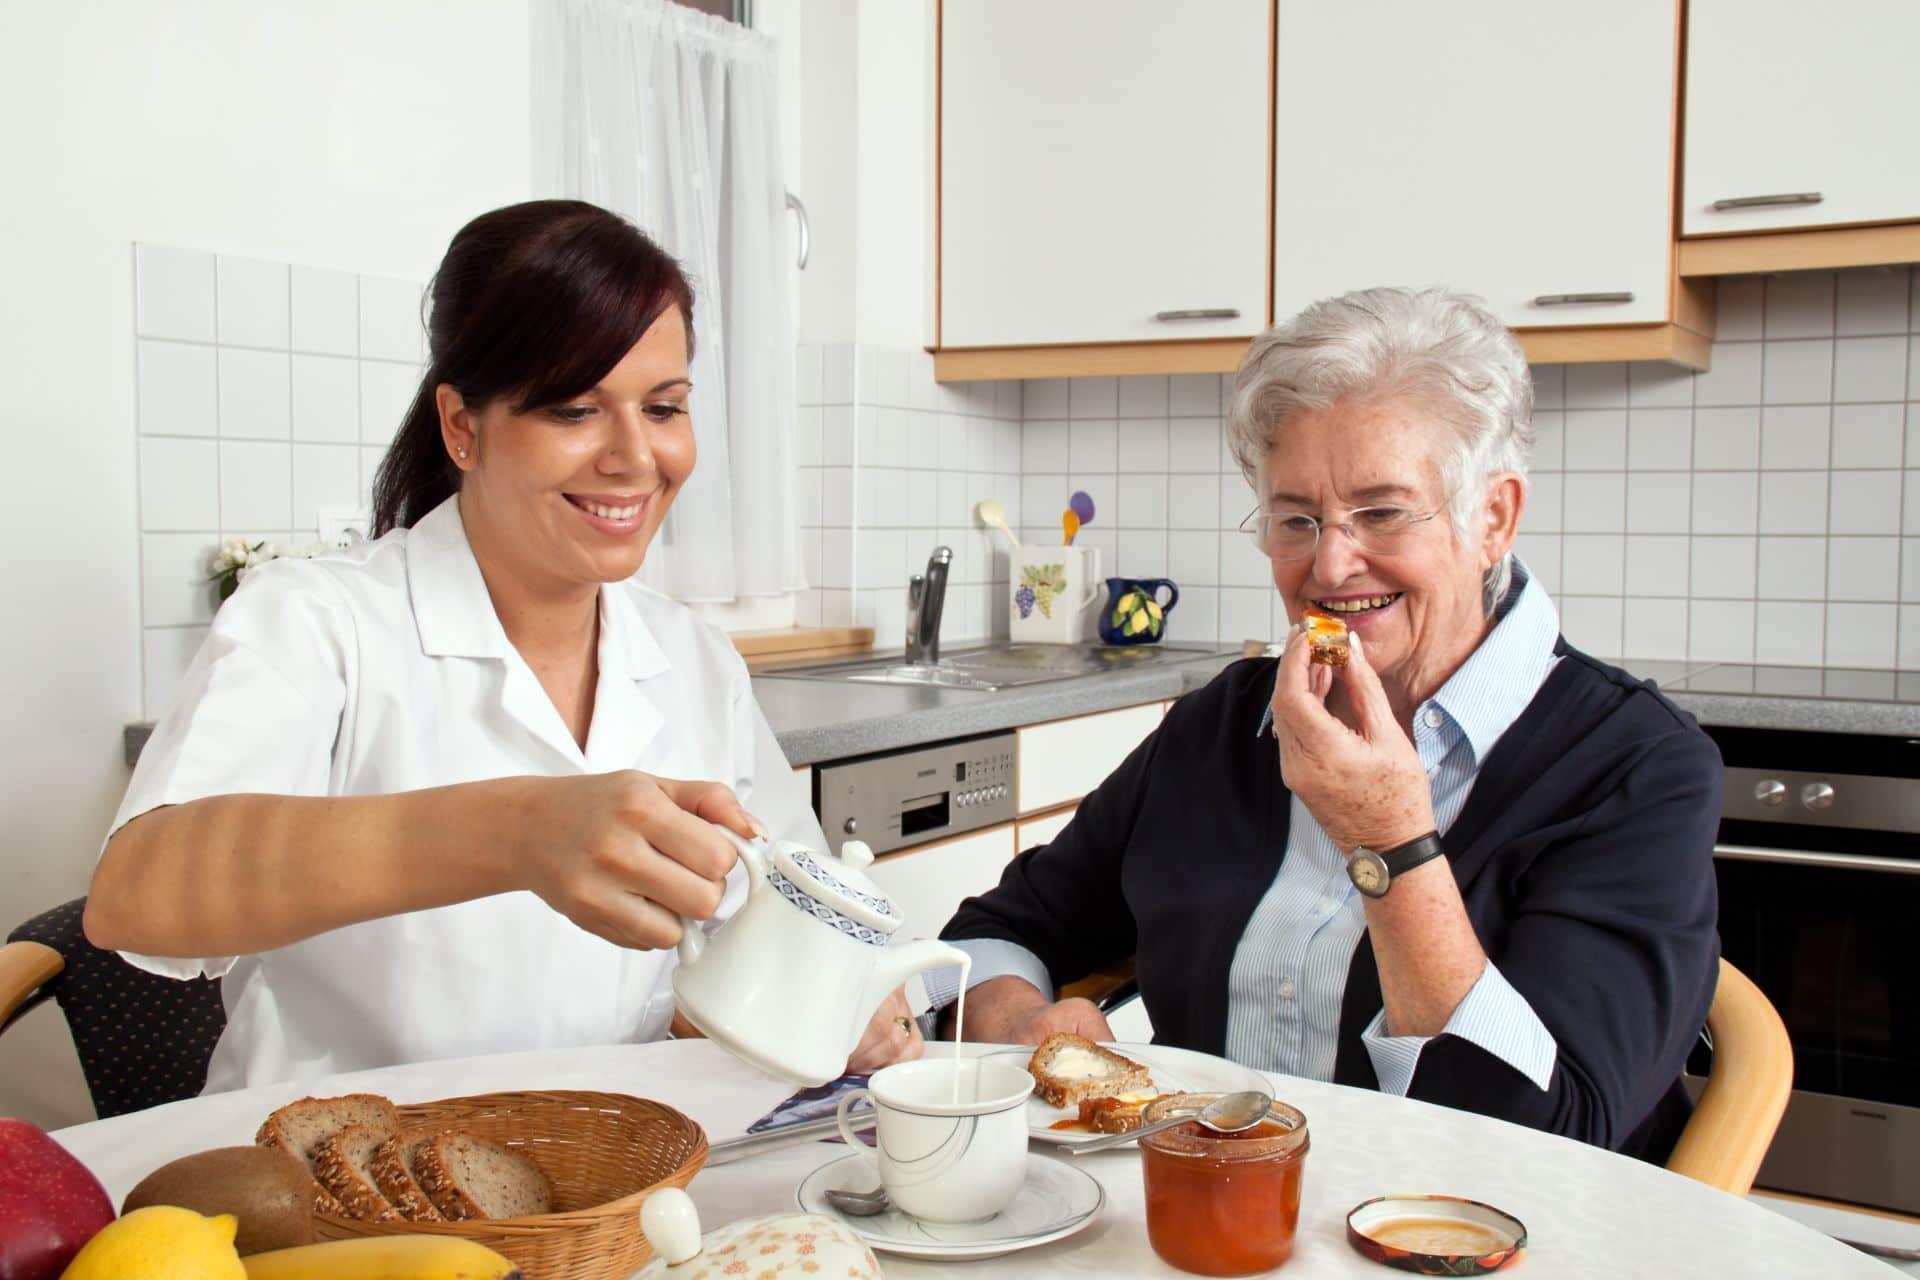 cuidados-com-idosos-em-casa